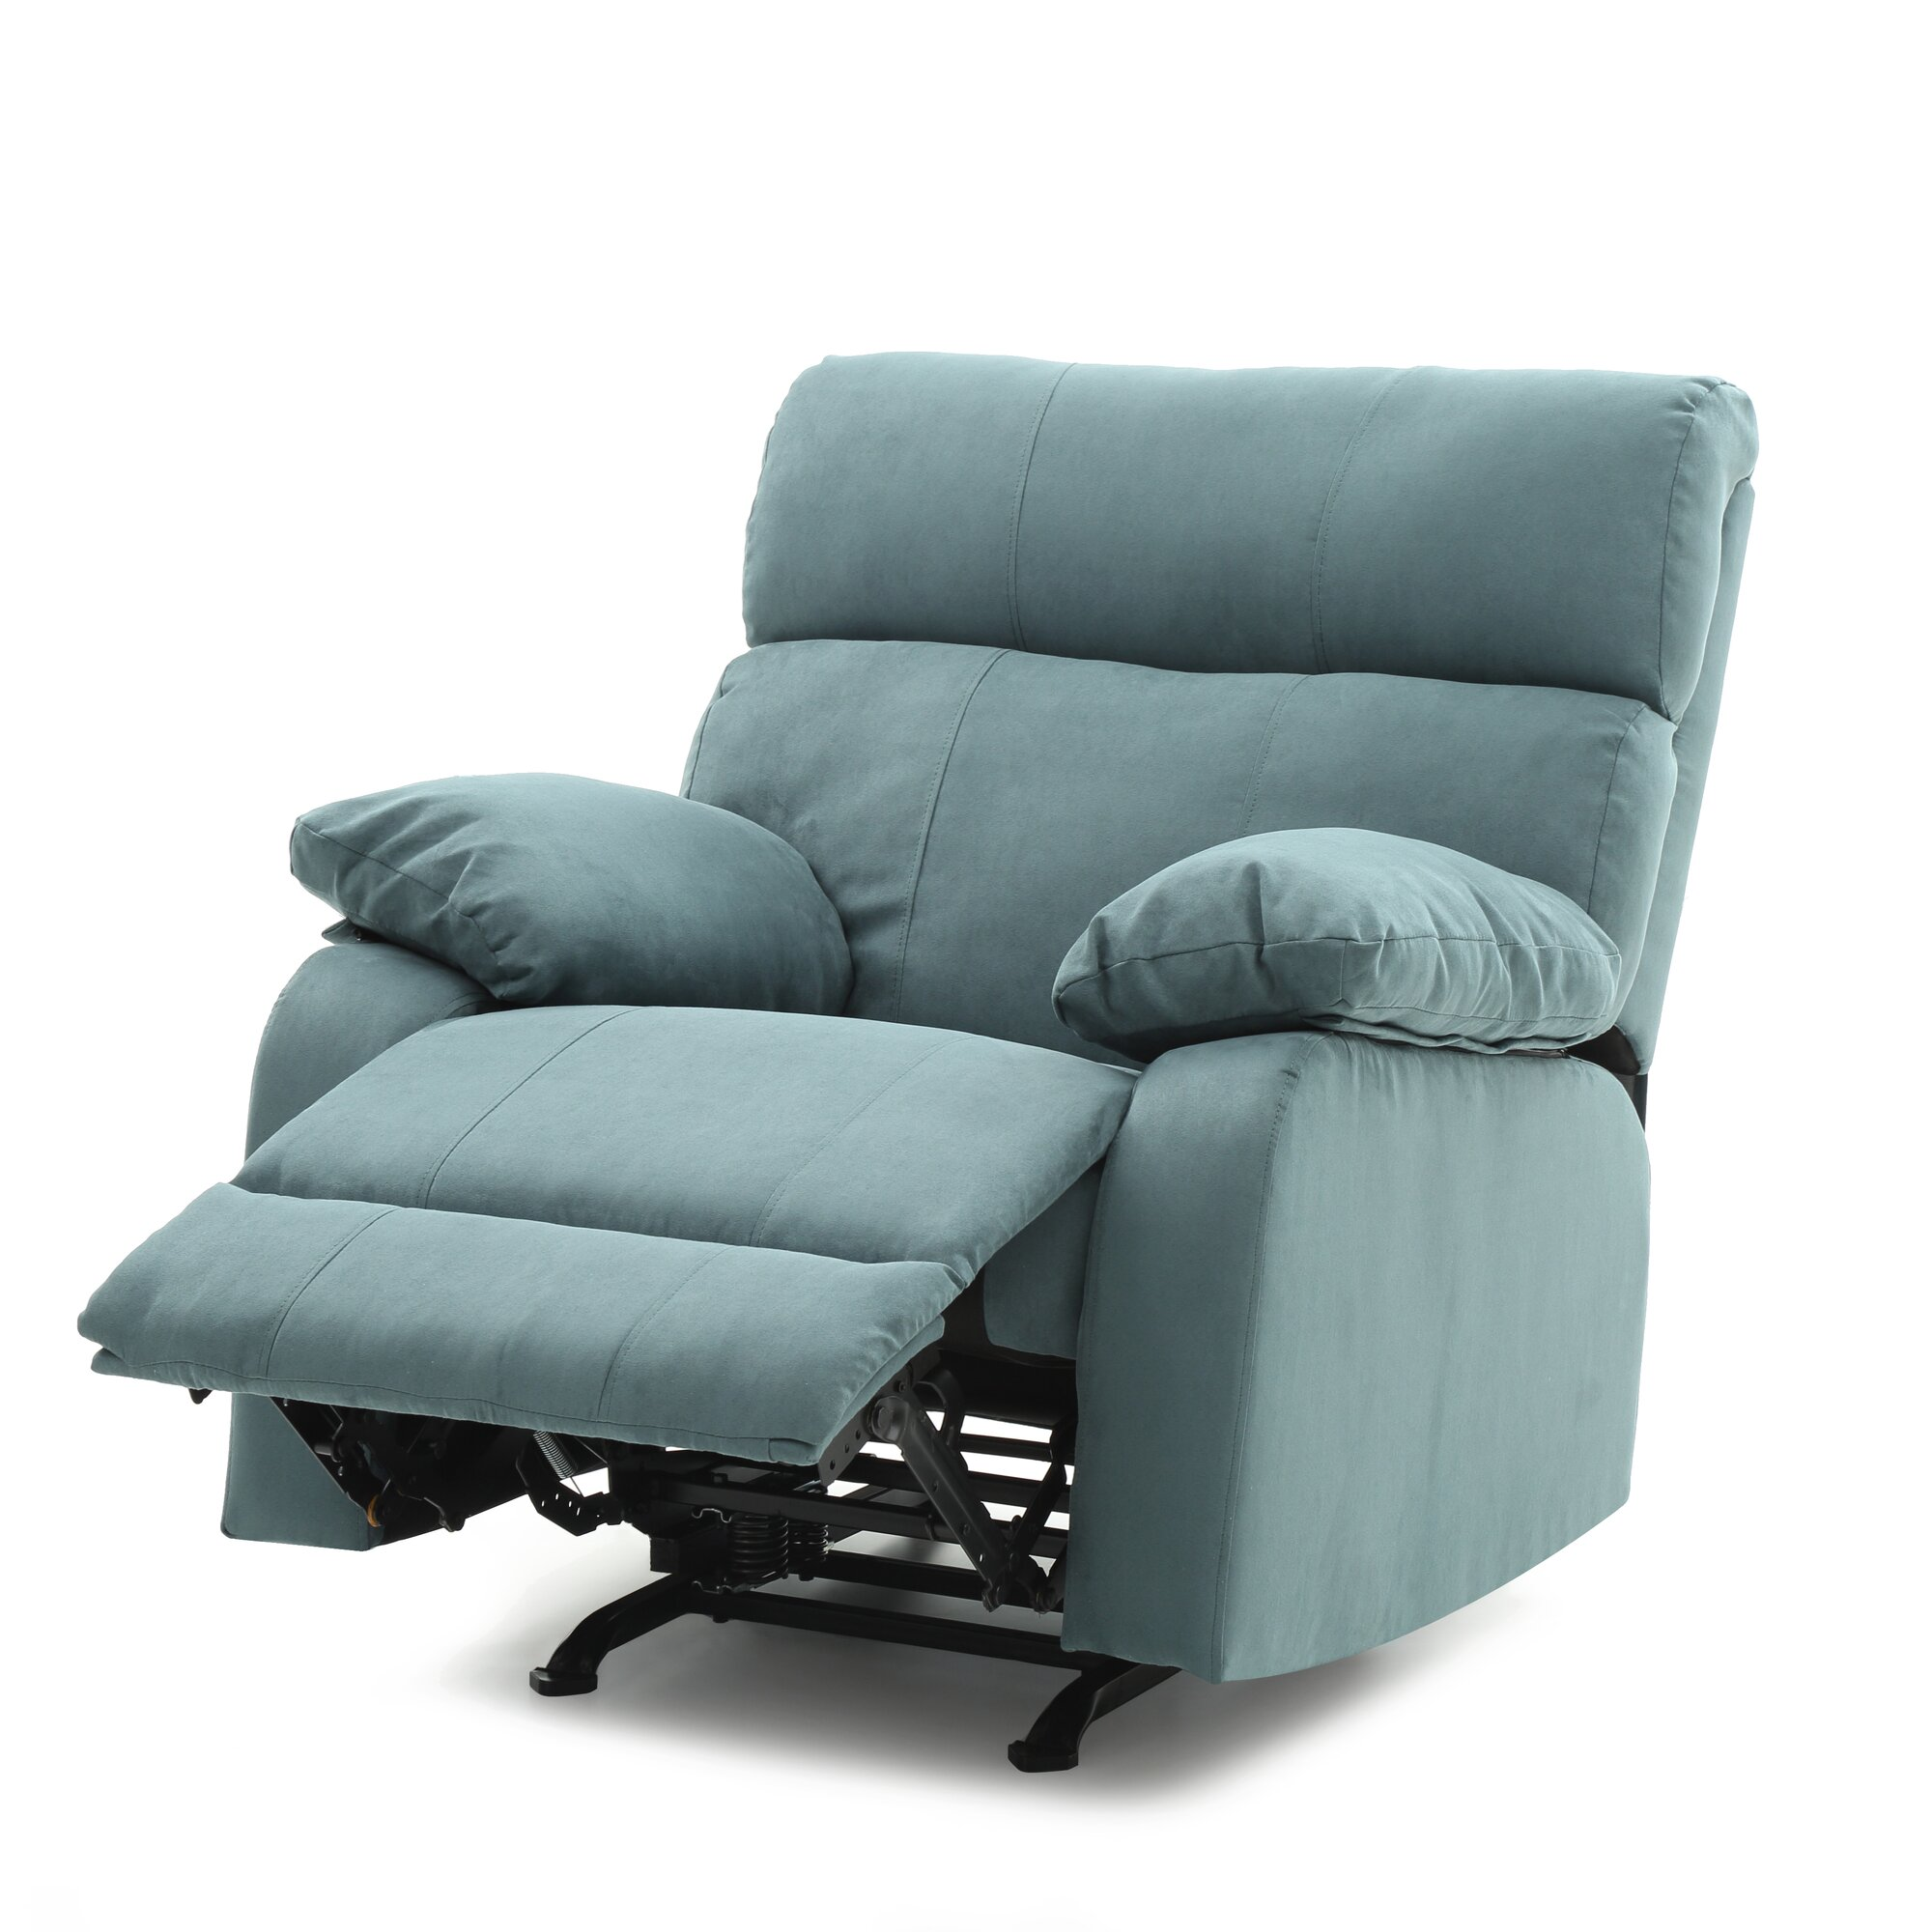 deerwood rocker recliner